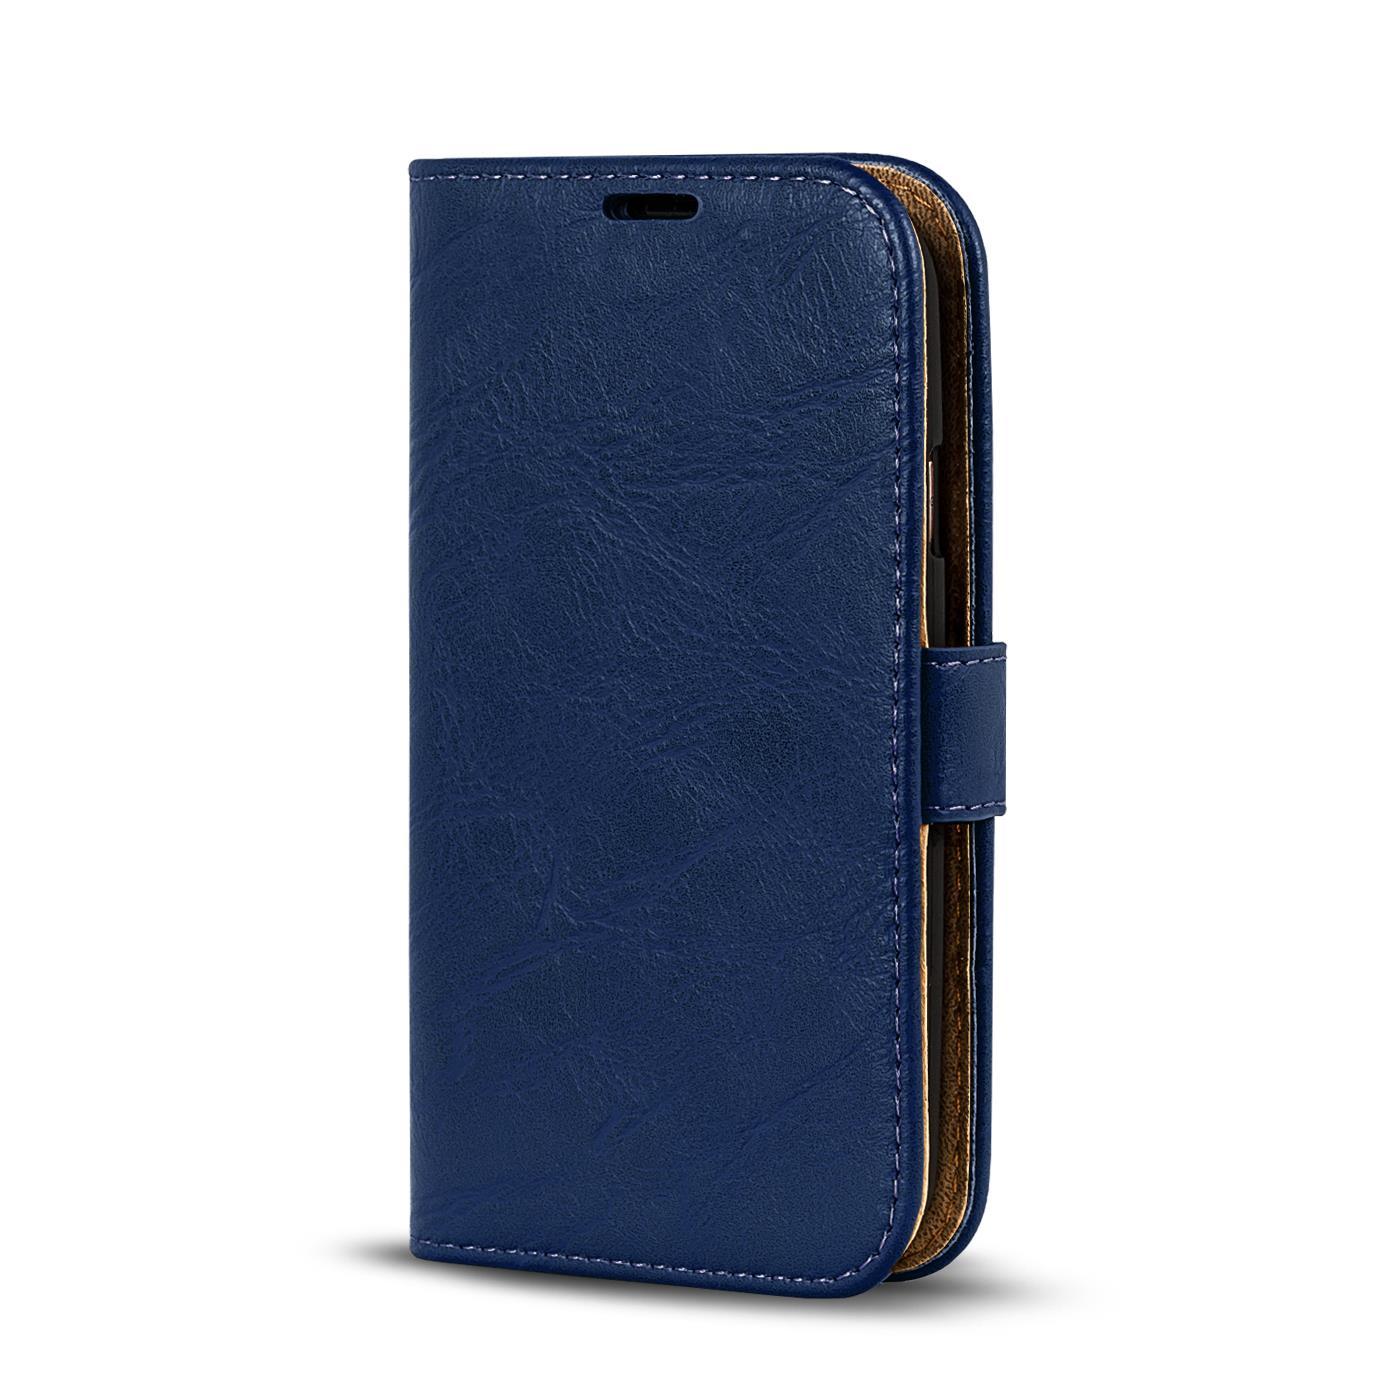 Klapphuelle-Samsung-Galaxy-S3-Mini-Huelle-Schutzhuelle-Wallet-Cover-Flip-Case Indexbild 6